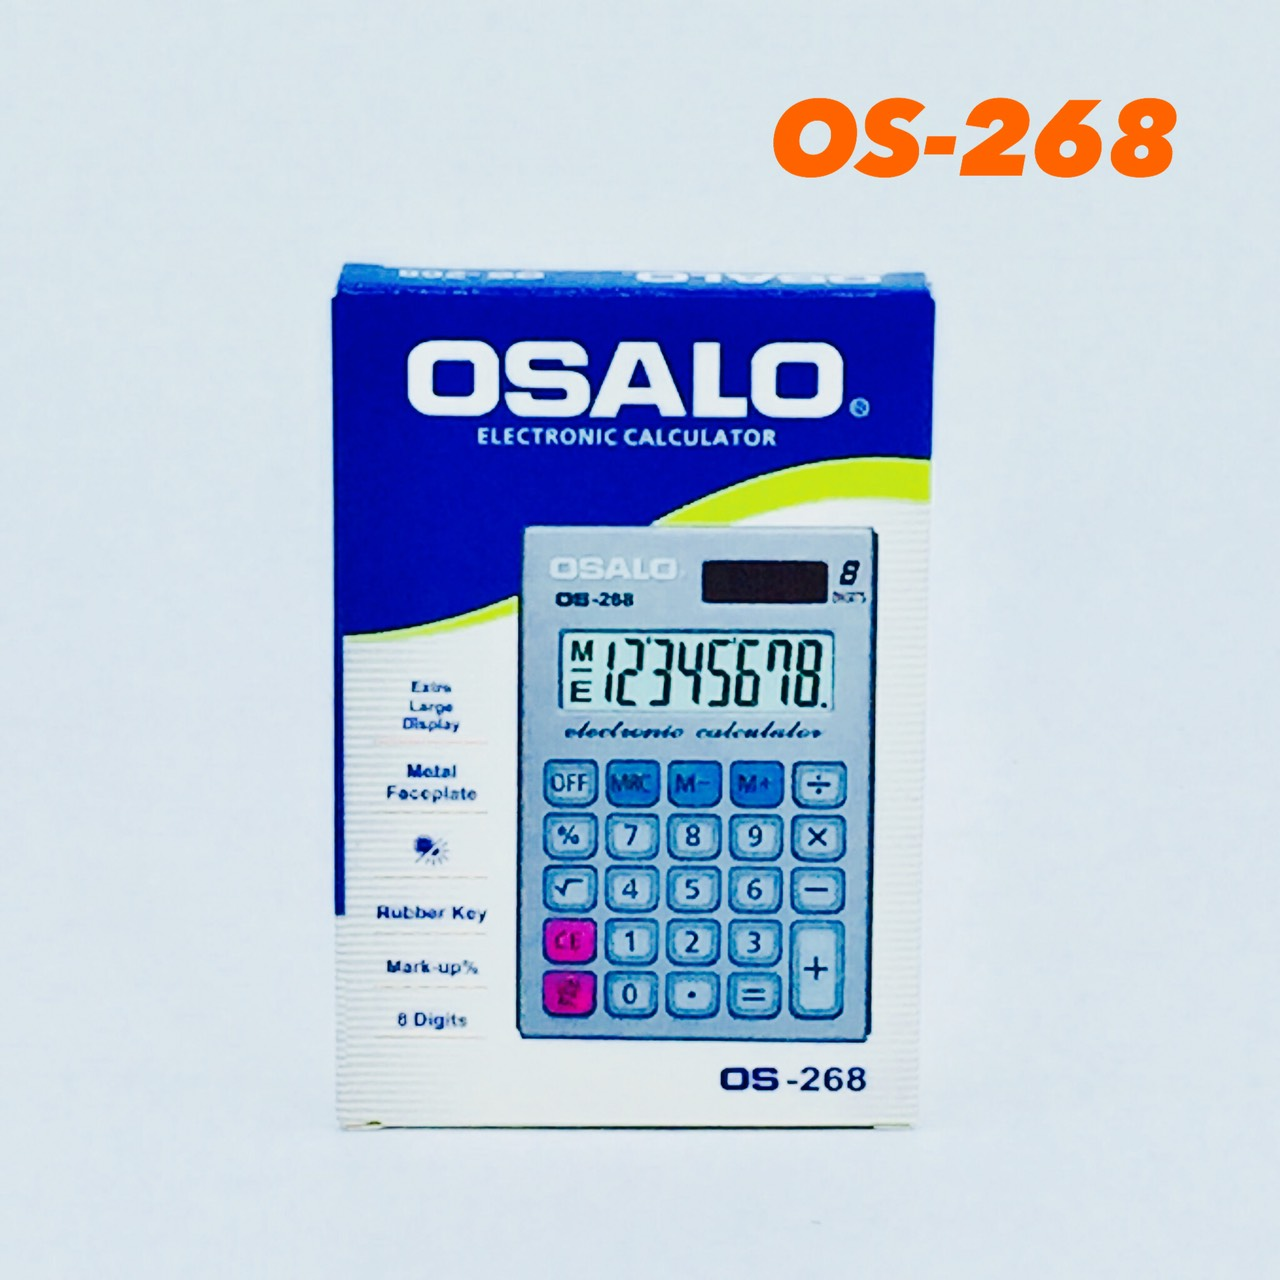 เครื่องคิดเลขจีน osalo รุ่น OS-268